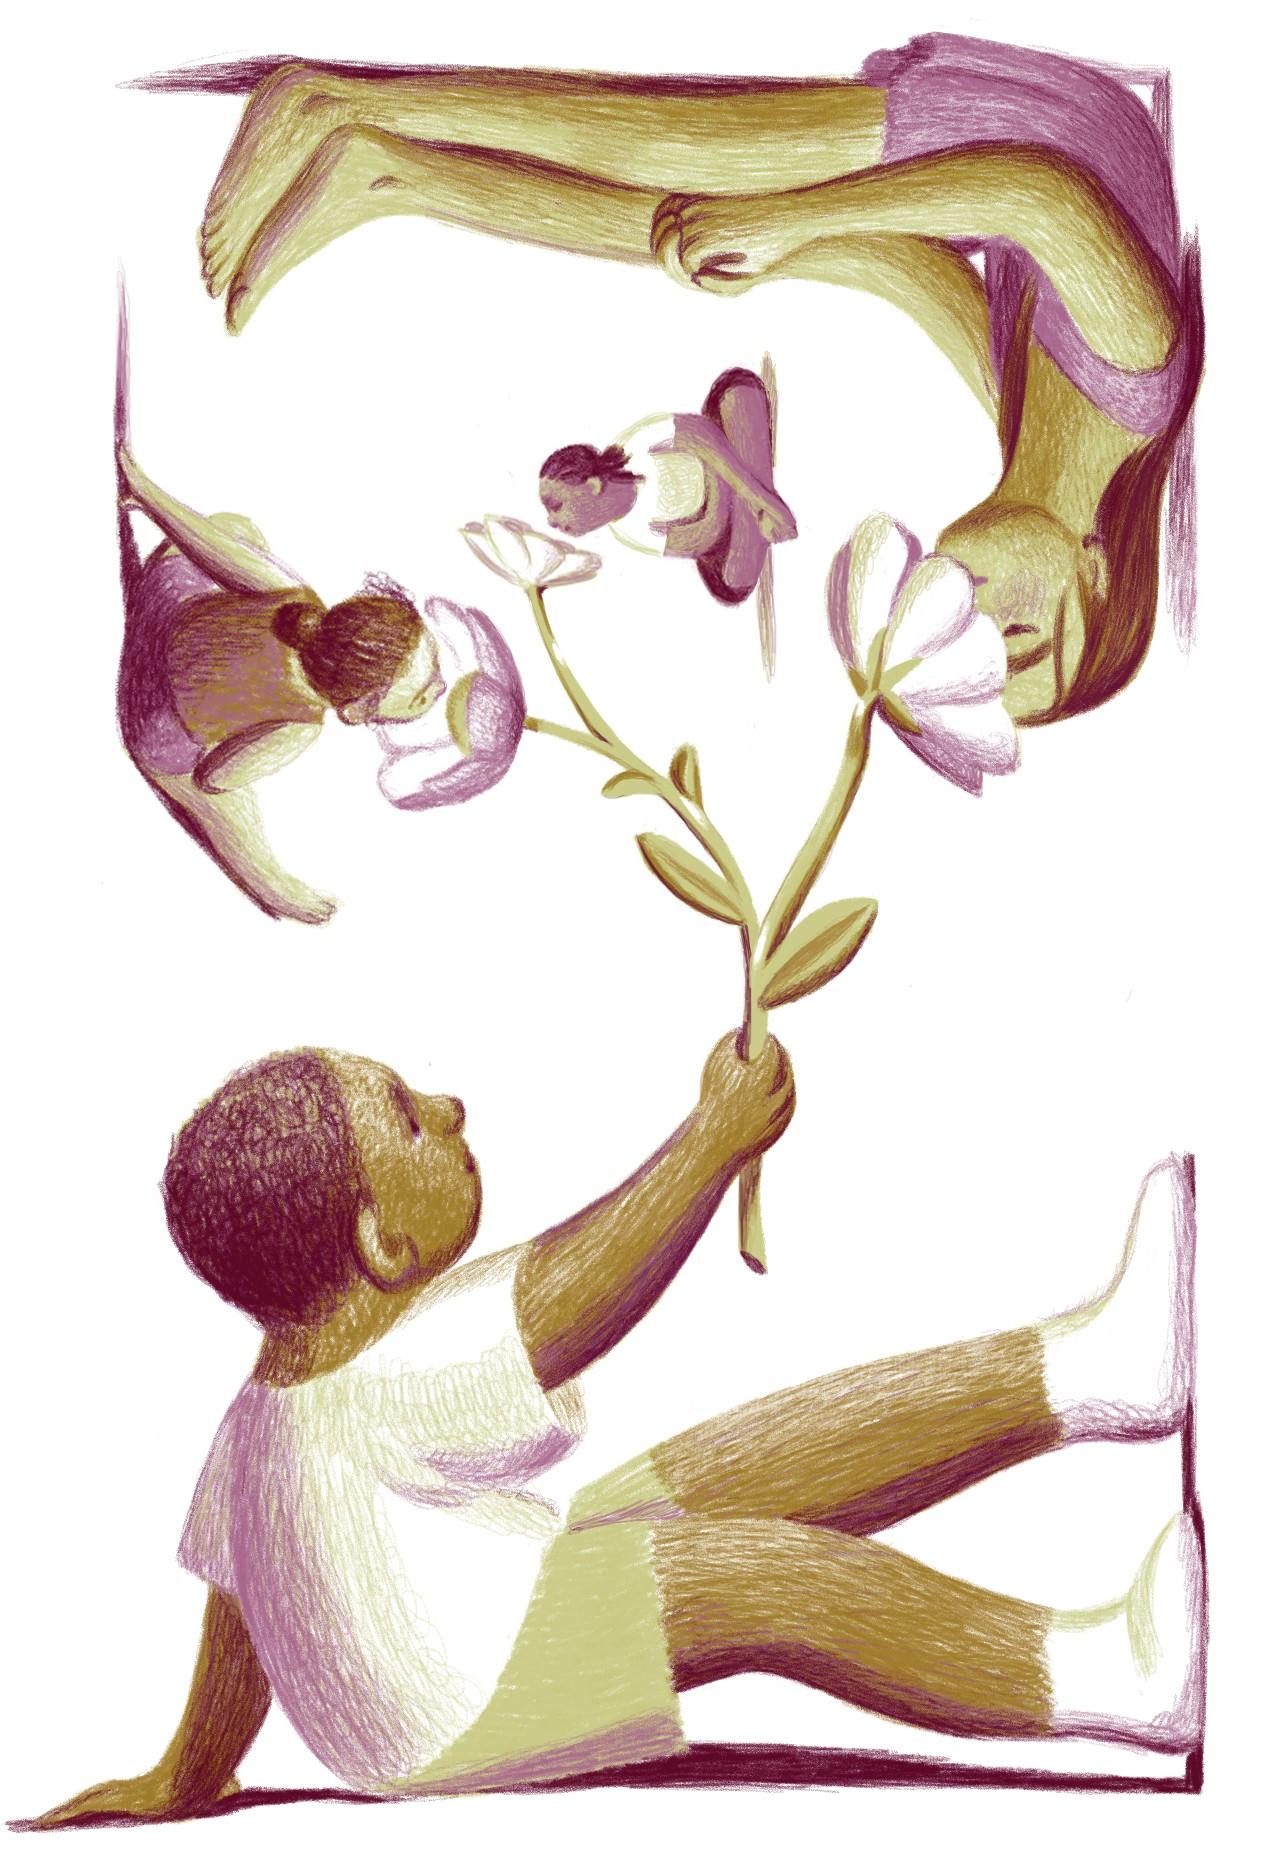 Illustration by Jillian Tamaki of children holding flowers